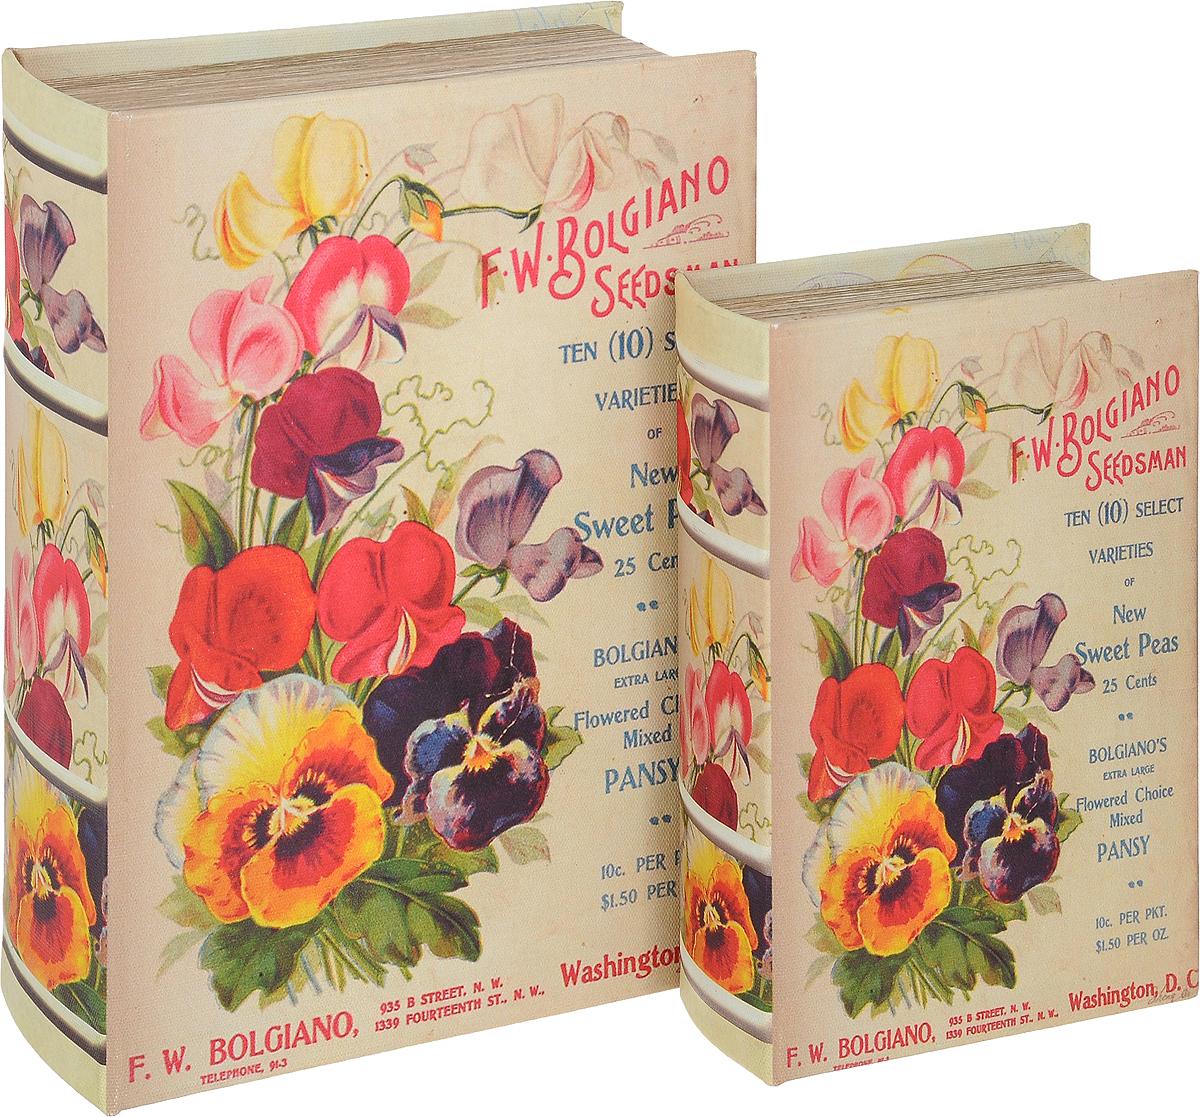 Набор шкатулок-фолиантов Win Max Летние цветы, 2 шт, 22 х 16 х 7 см184299Шкатулка-фолиант - это шкатулка в виде старинной книги, предназначена дляхранения ценных бумаг, писем и т.д. Шкатулка выполнена из МДФ и украшенацветочным орнаментом, внутри задрапирована бархатистым текстилем, чтопридает ей изысканность. Классический дизайн и функциональность делают шкатулку Win Maxотличным подарком. В набор входят 2 шкатулки.